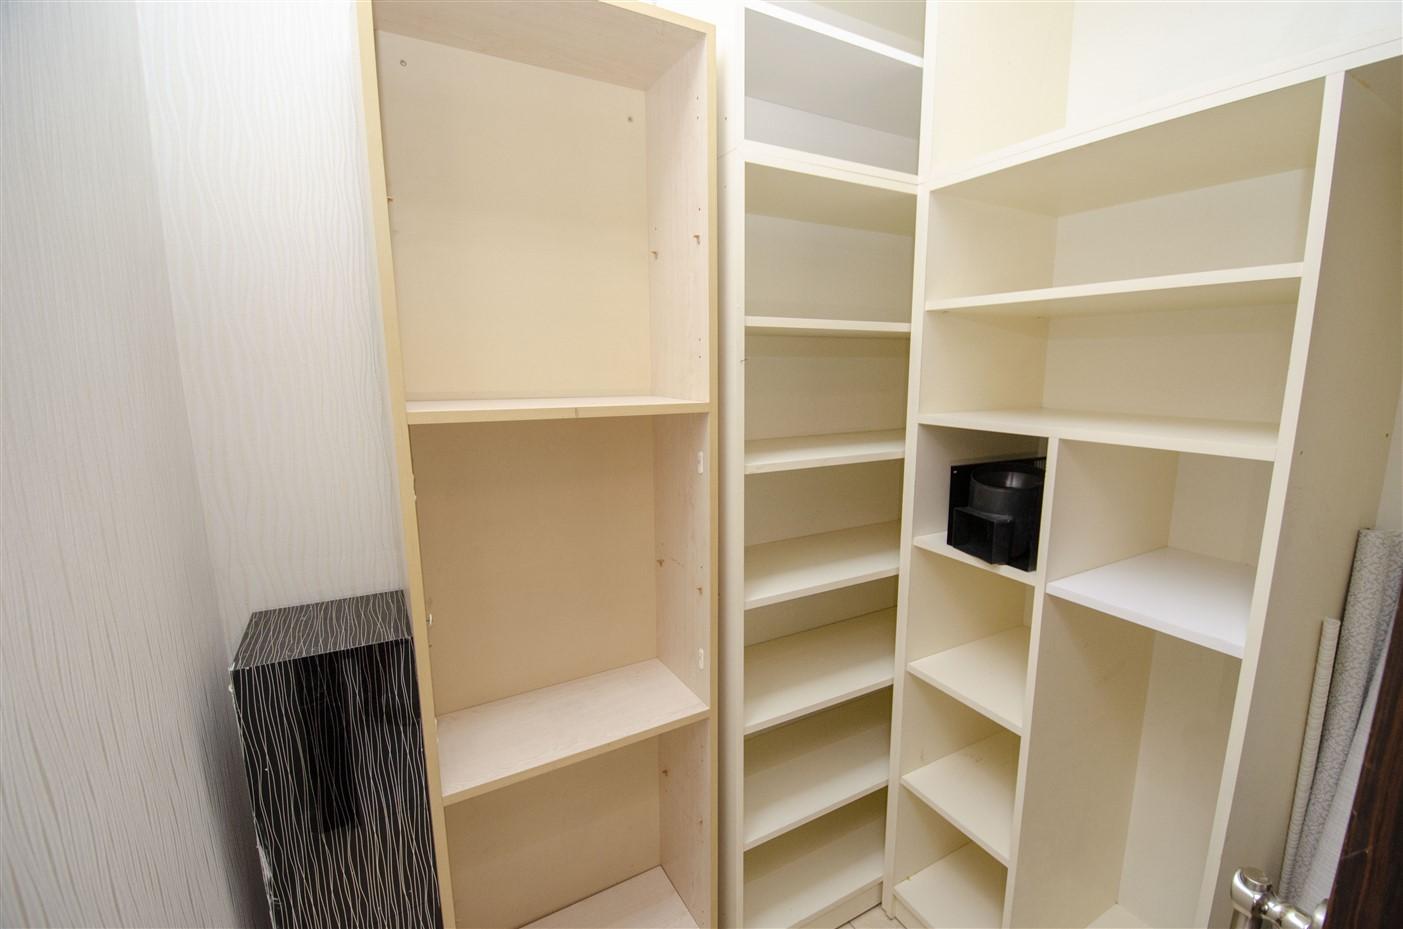 Квартира 3+1 с мебелью в 5 минутах от моря - Фото 22